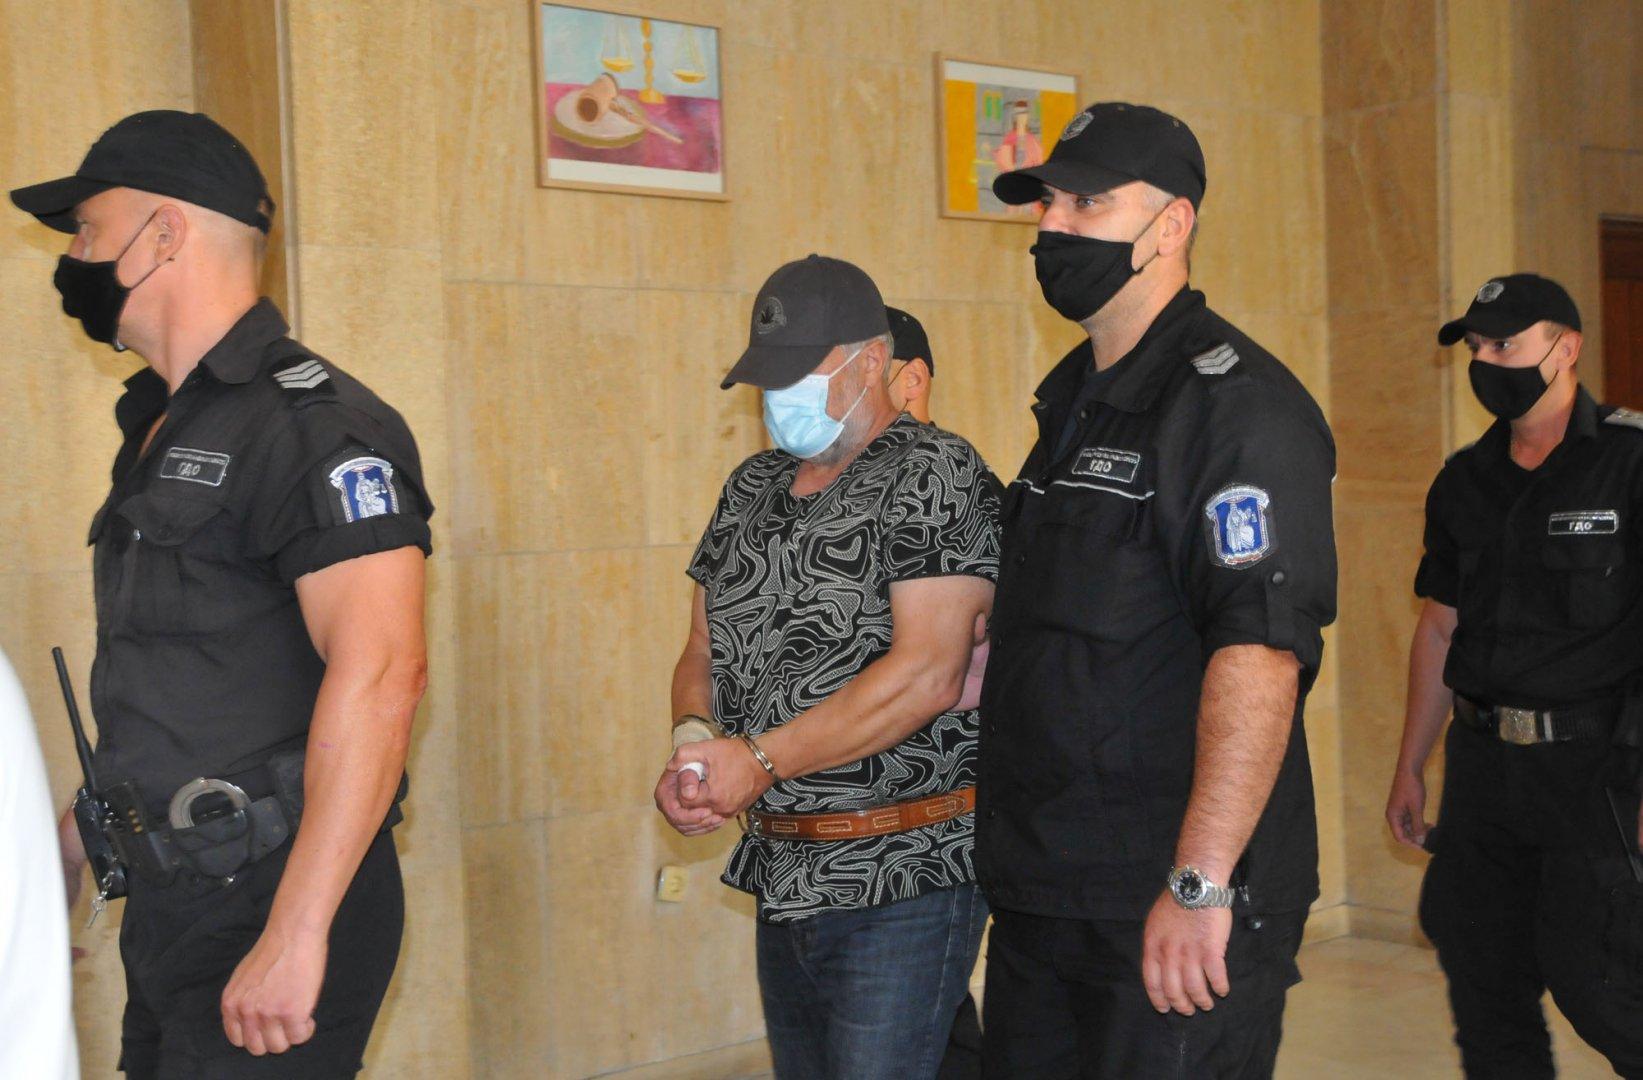 Срещи Станимир Р. има повдигнати серия от обвинения. Снимка Черноморие-бг